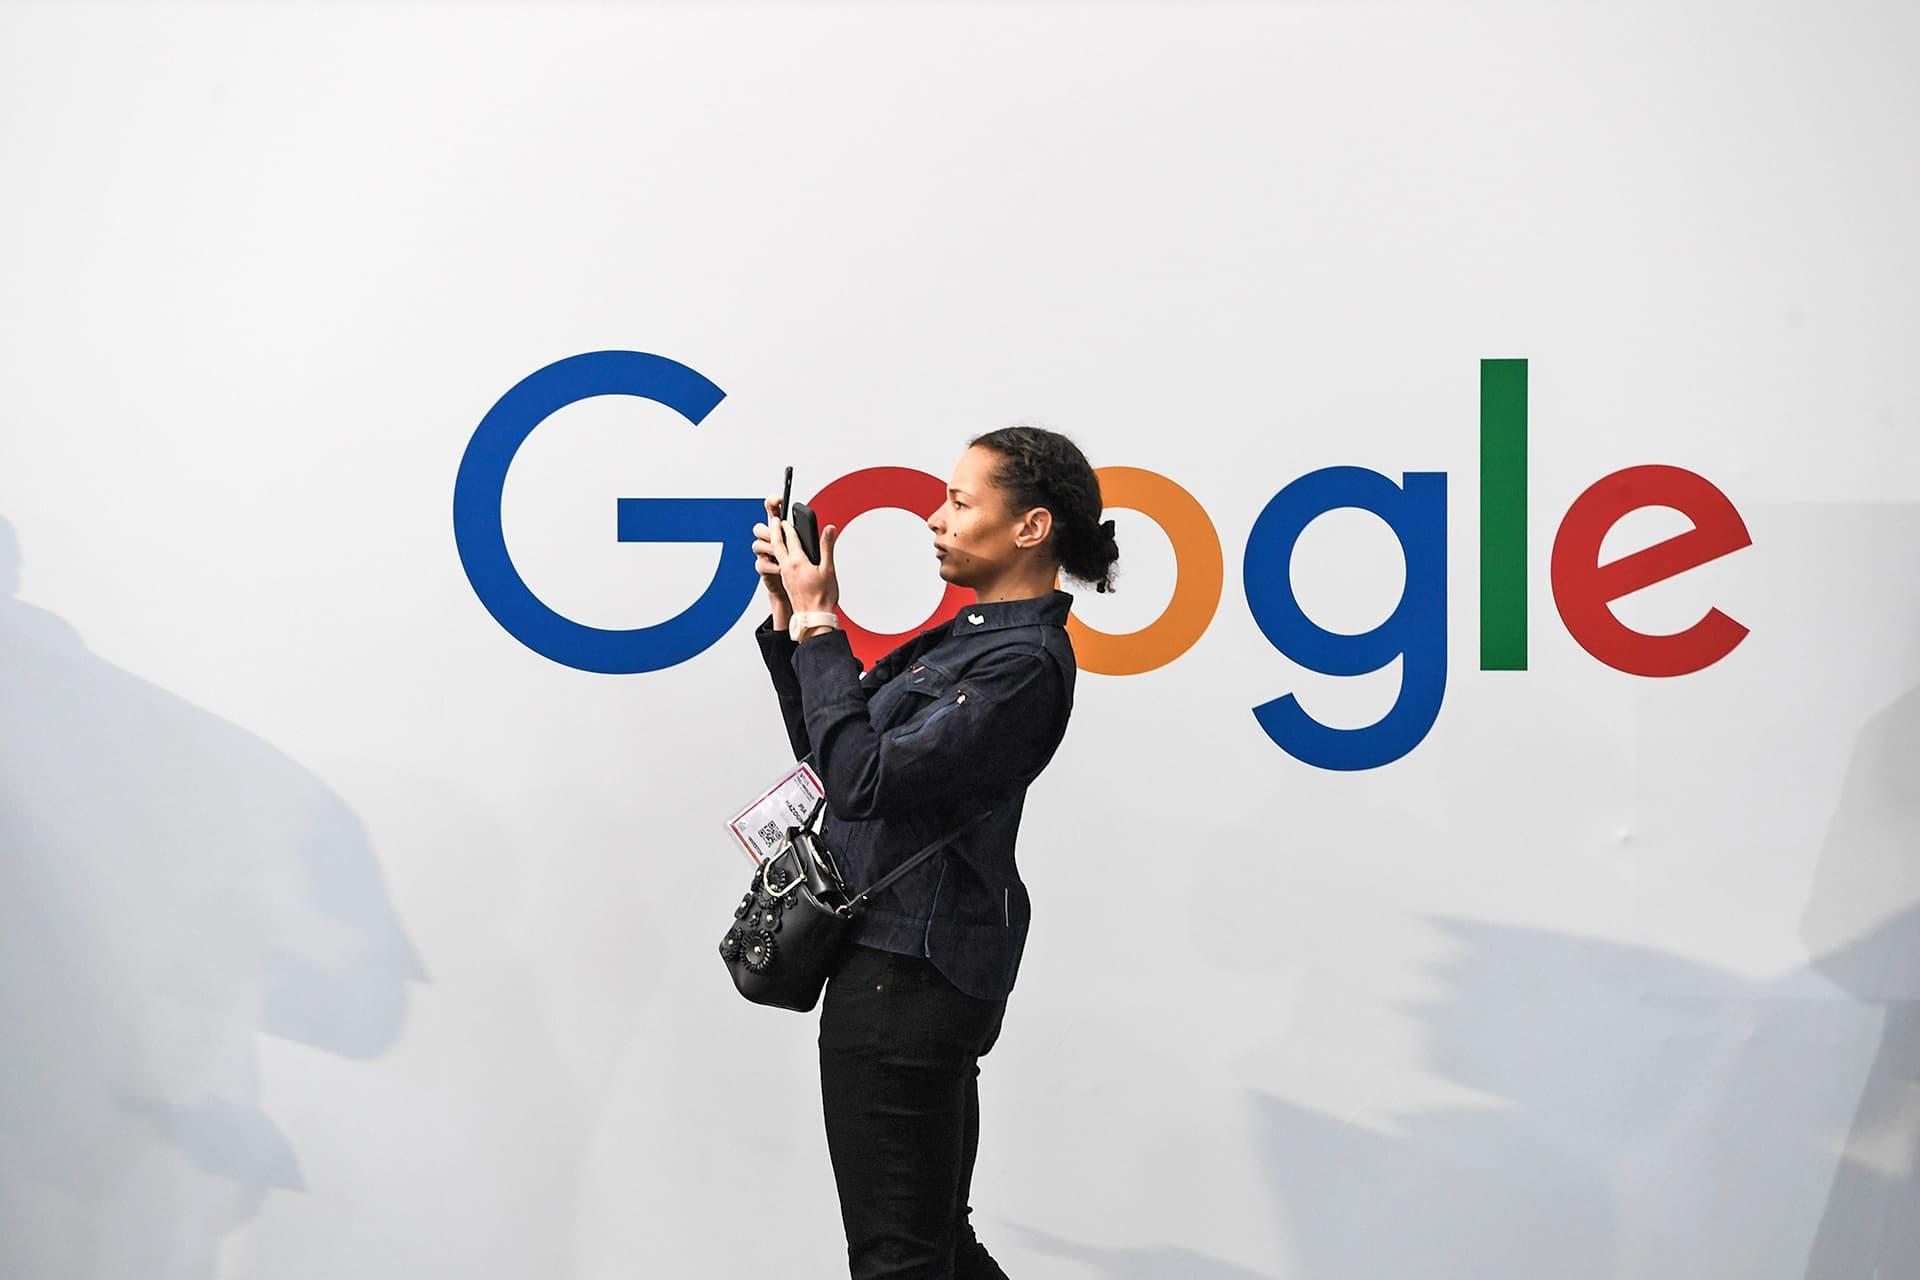 Nainen ottamassa selfietä.  Taustalla olevalla valkoisella seinällä on Googlen logo.